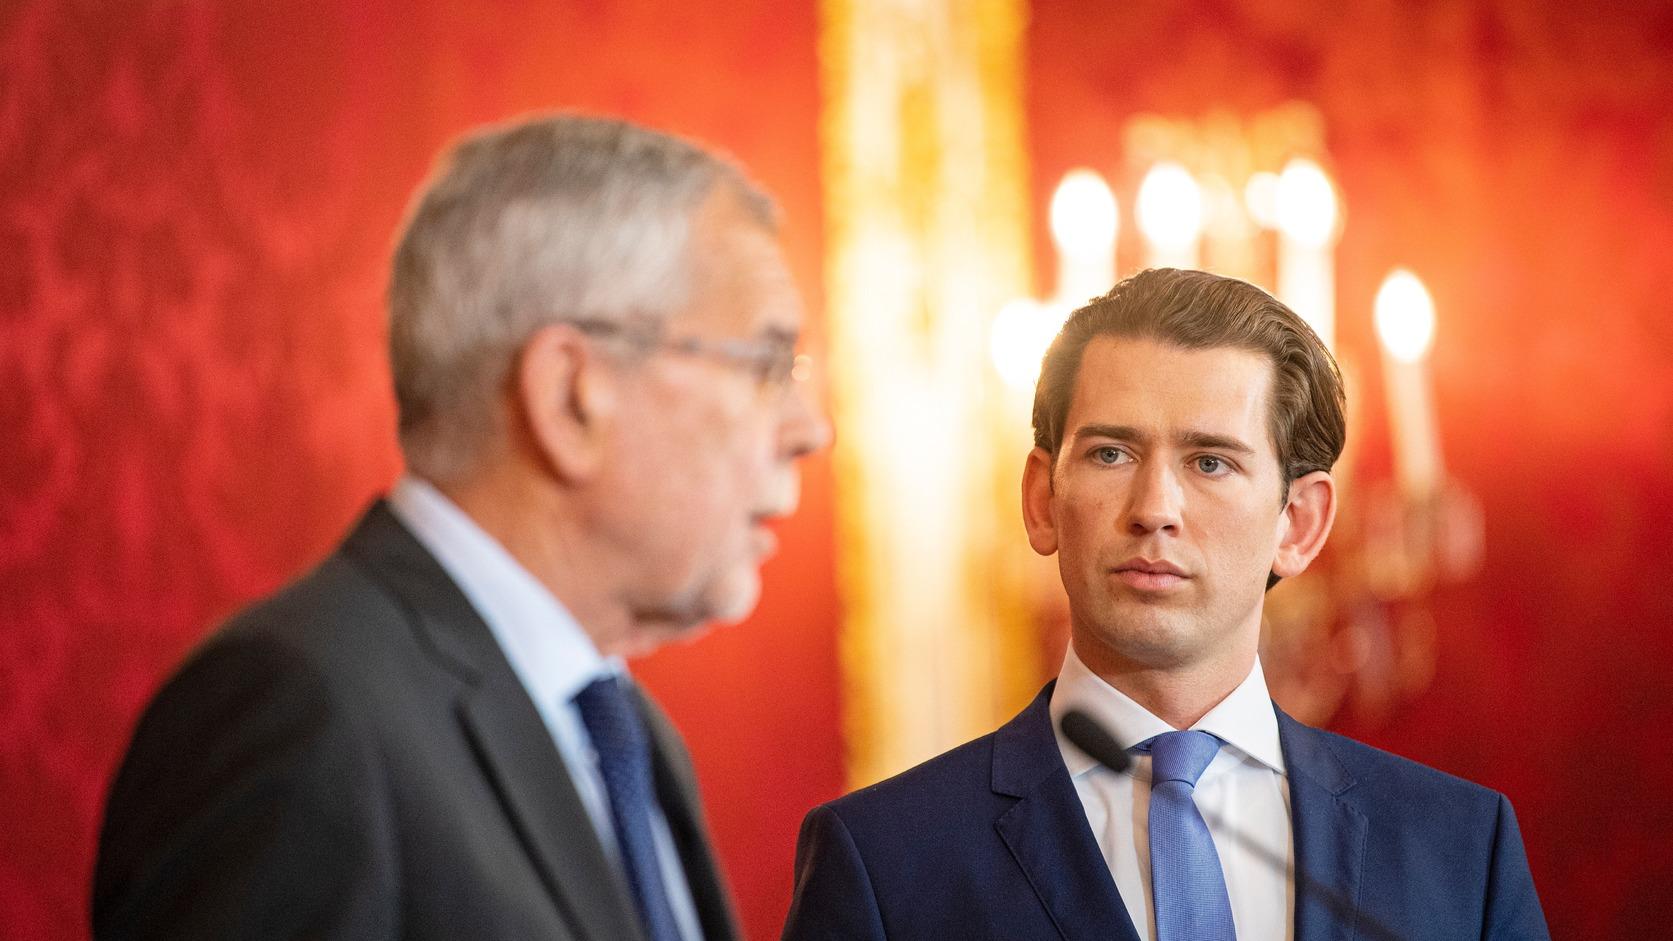 VIENNA, 2019. május 19. Alexander Van der Bellen osztrák államfő (b) és Sebastian Kurz osztrák kancellár nyilatkozik Bécsben 2019. május 19-én, egy nappal az után, hogy korrupciós botrány miatt lemondott alkancellári és pártelnöki tisztségéről Heinz-Christian Strache, a kormánykoalícióban részt vevő Osztrák Szabadságpárt (FPÖ) vezetője, ezért a kancellár a koalíció felbontásáról döntött. Kurz bejelentette, hogy előrehozott parlamenti választást tartanak szeptember elején. MTI/EPA/Christian Bruna